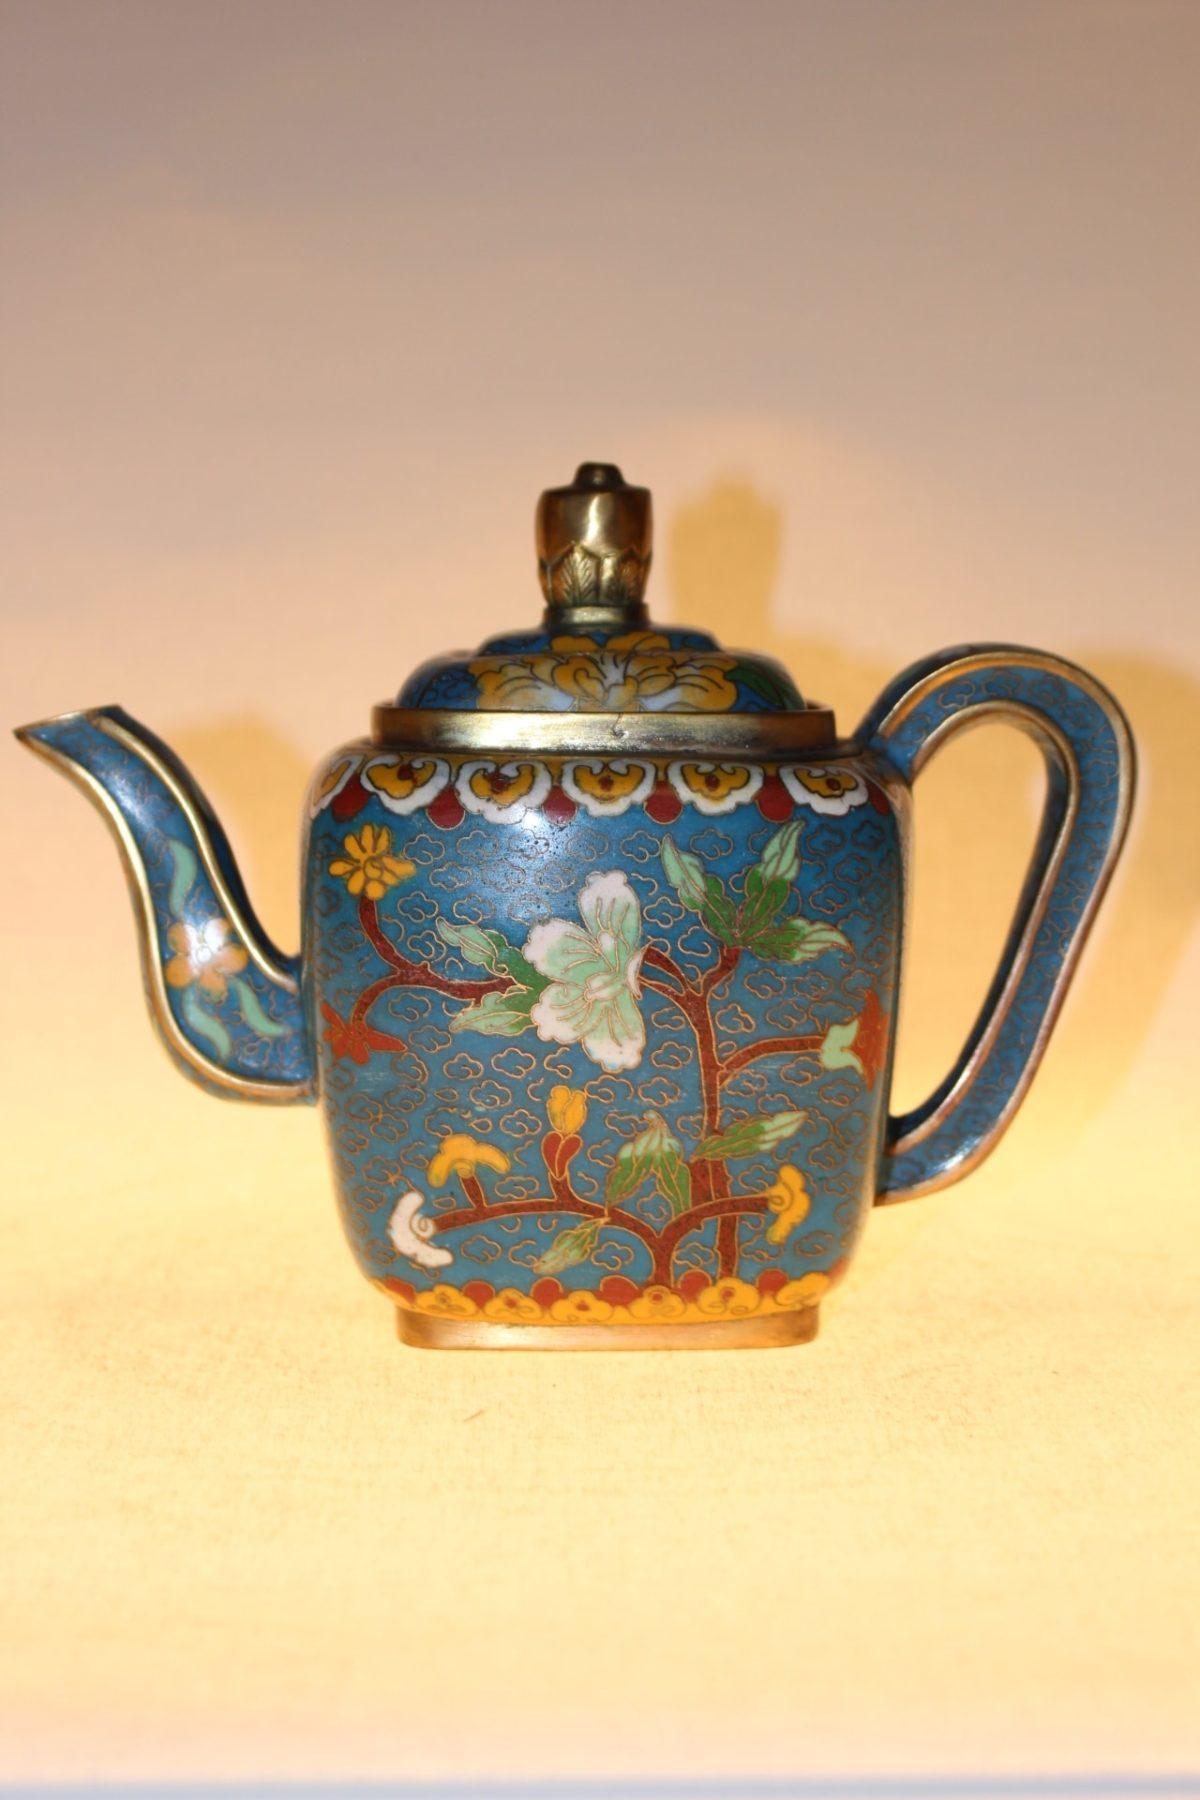 Chinesische Teekanne aus Cloisonné, ca. 75 Jahre alt, 14,5 x 19 x 10,5 cm